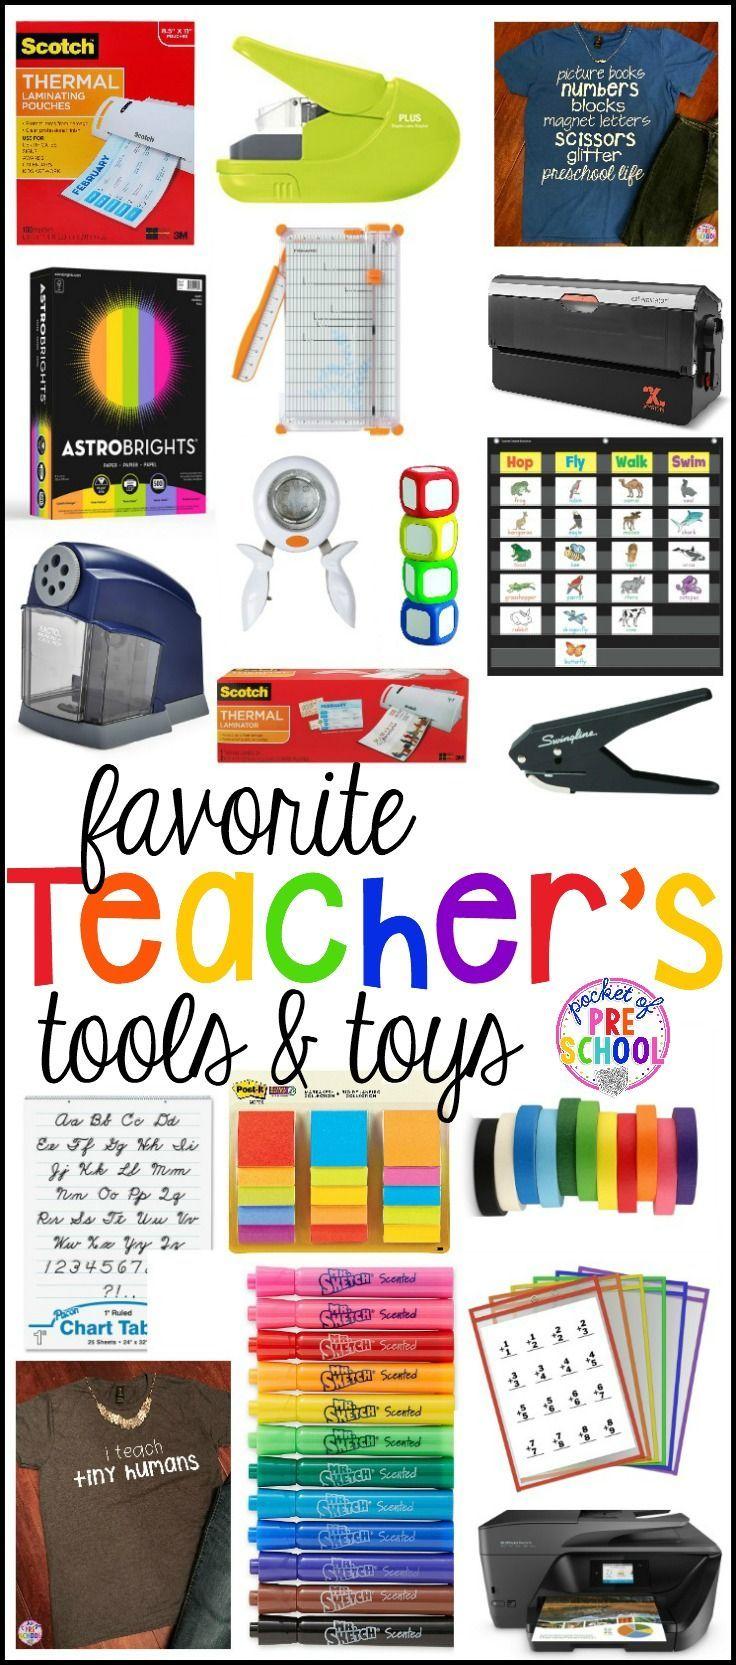 Favorite Teacher's Tools for Preschool & Kindergarten - Pocket of Preschool